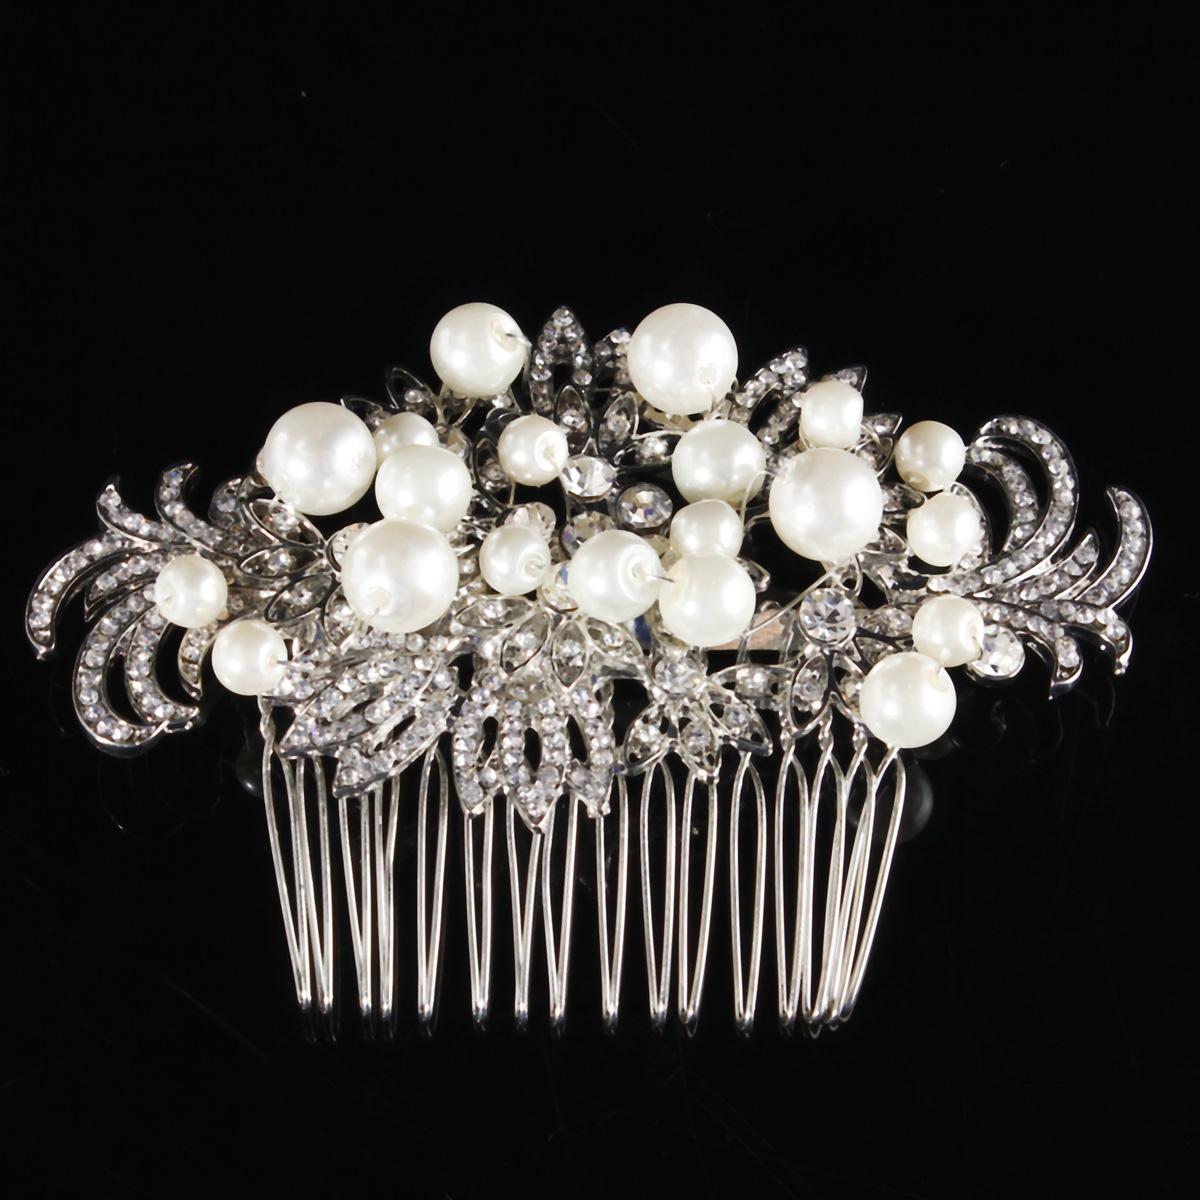 Свадебный искусственные жемчуг кристалл горный хрусталь цветы Диаманте зажим для волос расческа невесты свадебный головной убор